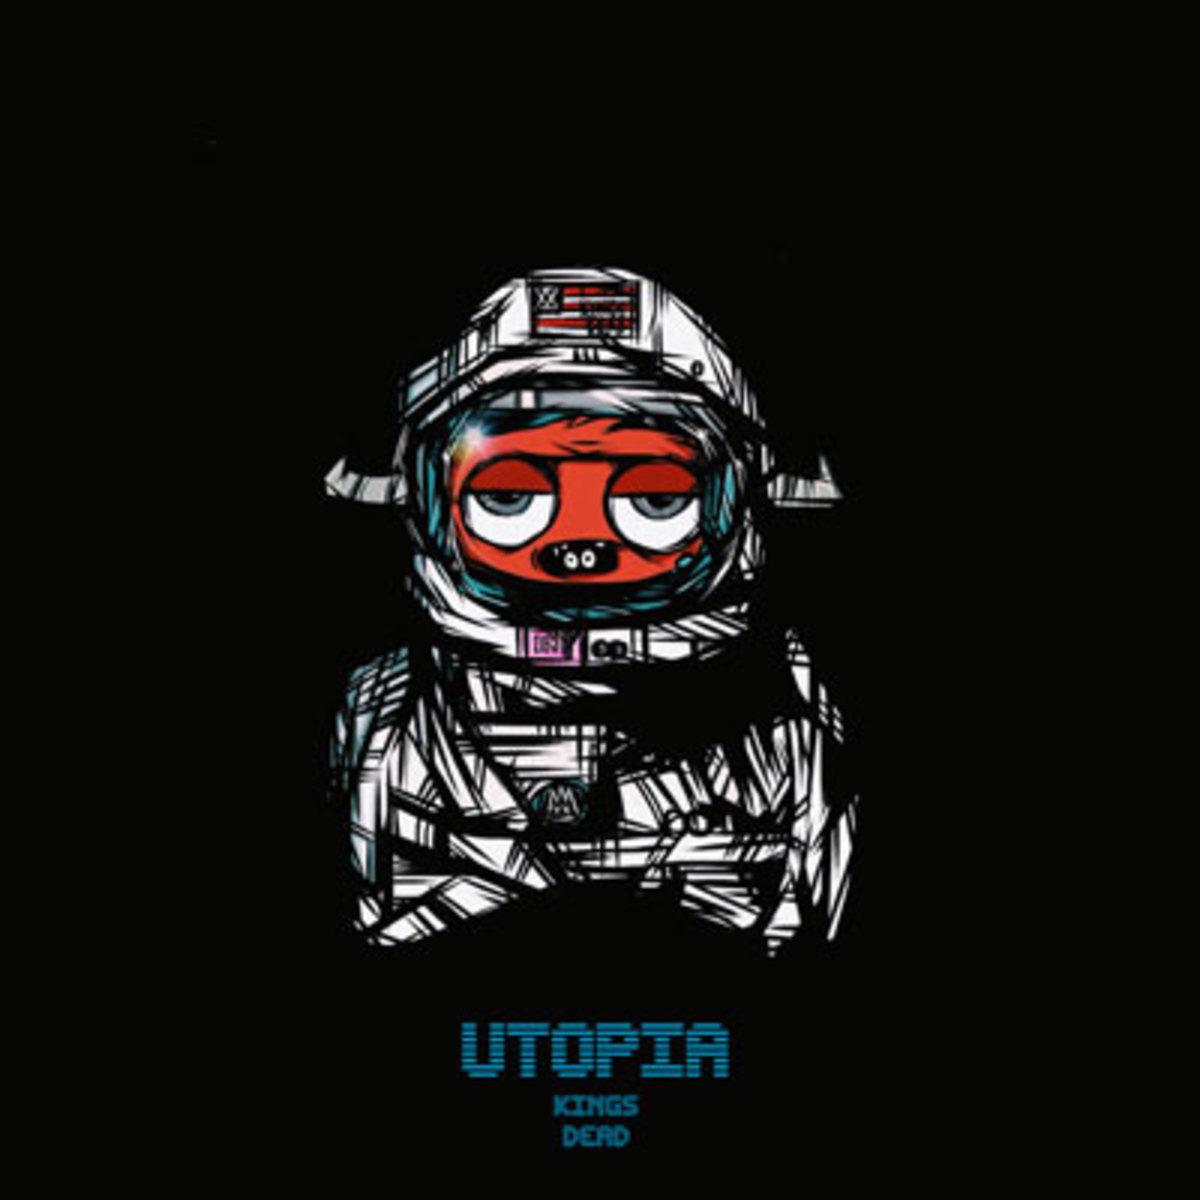 kingsdead-utopia.jpg